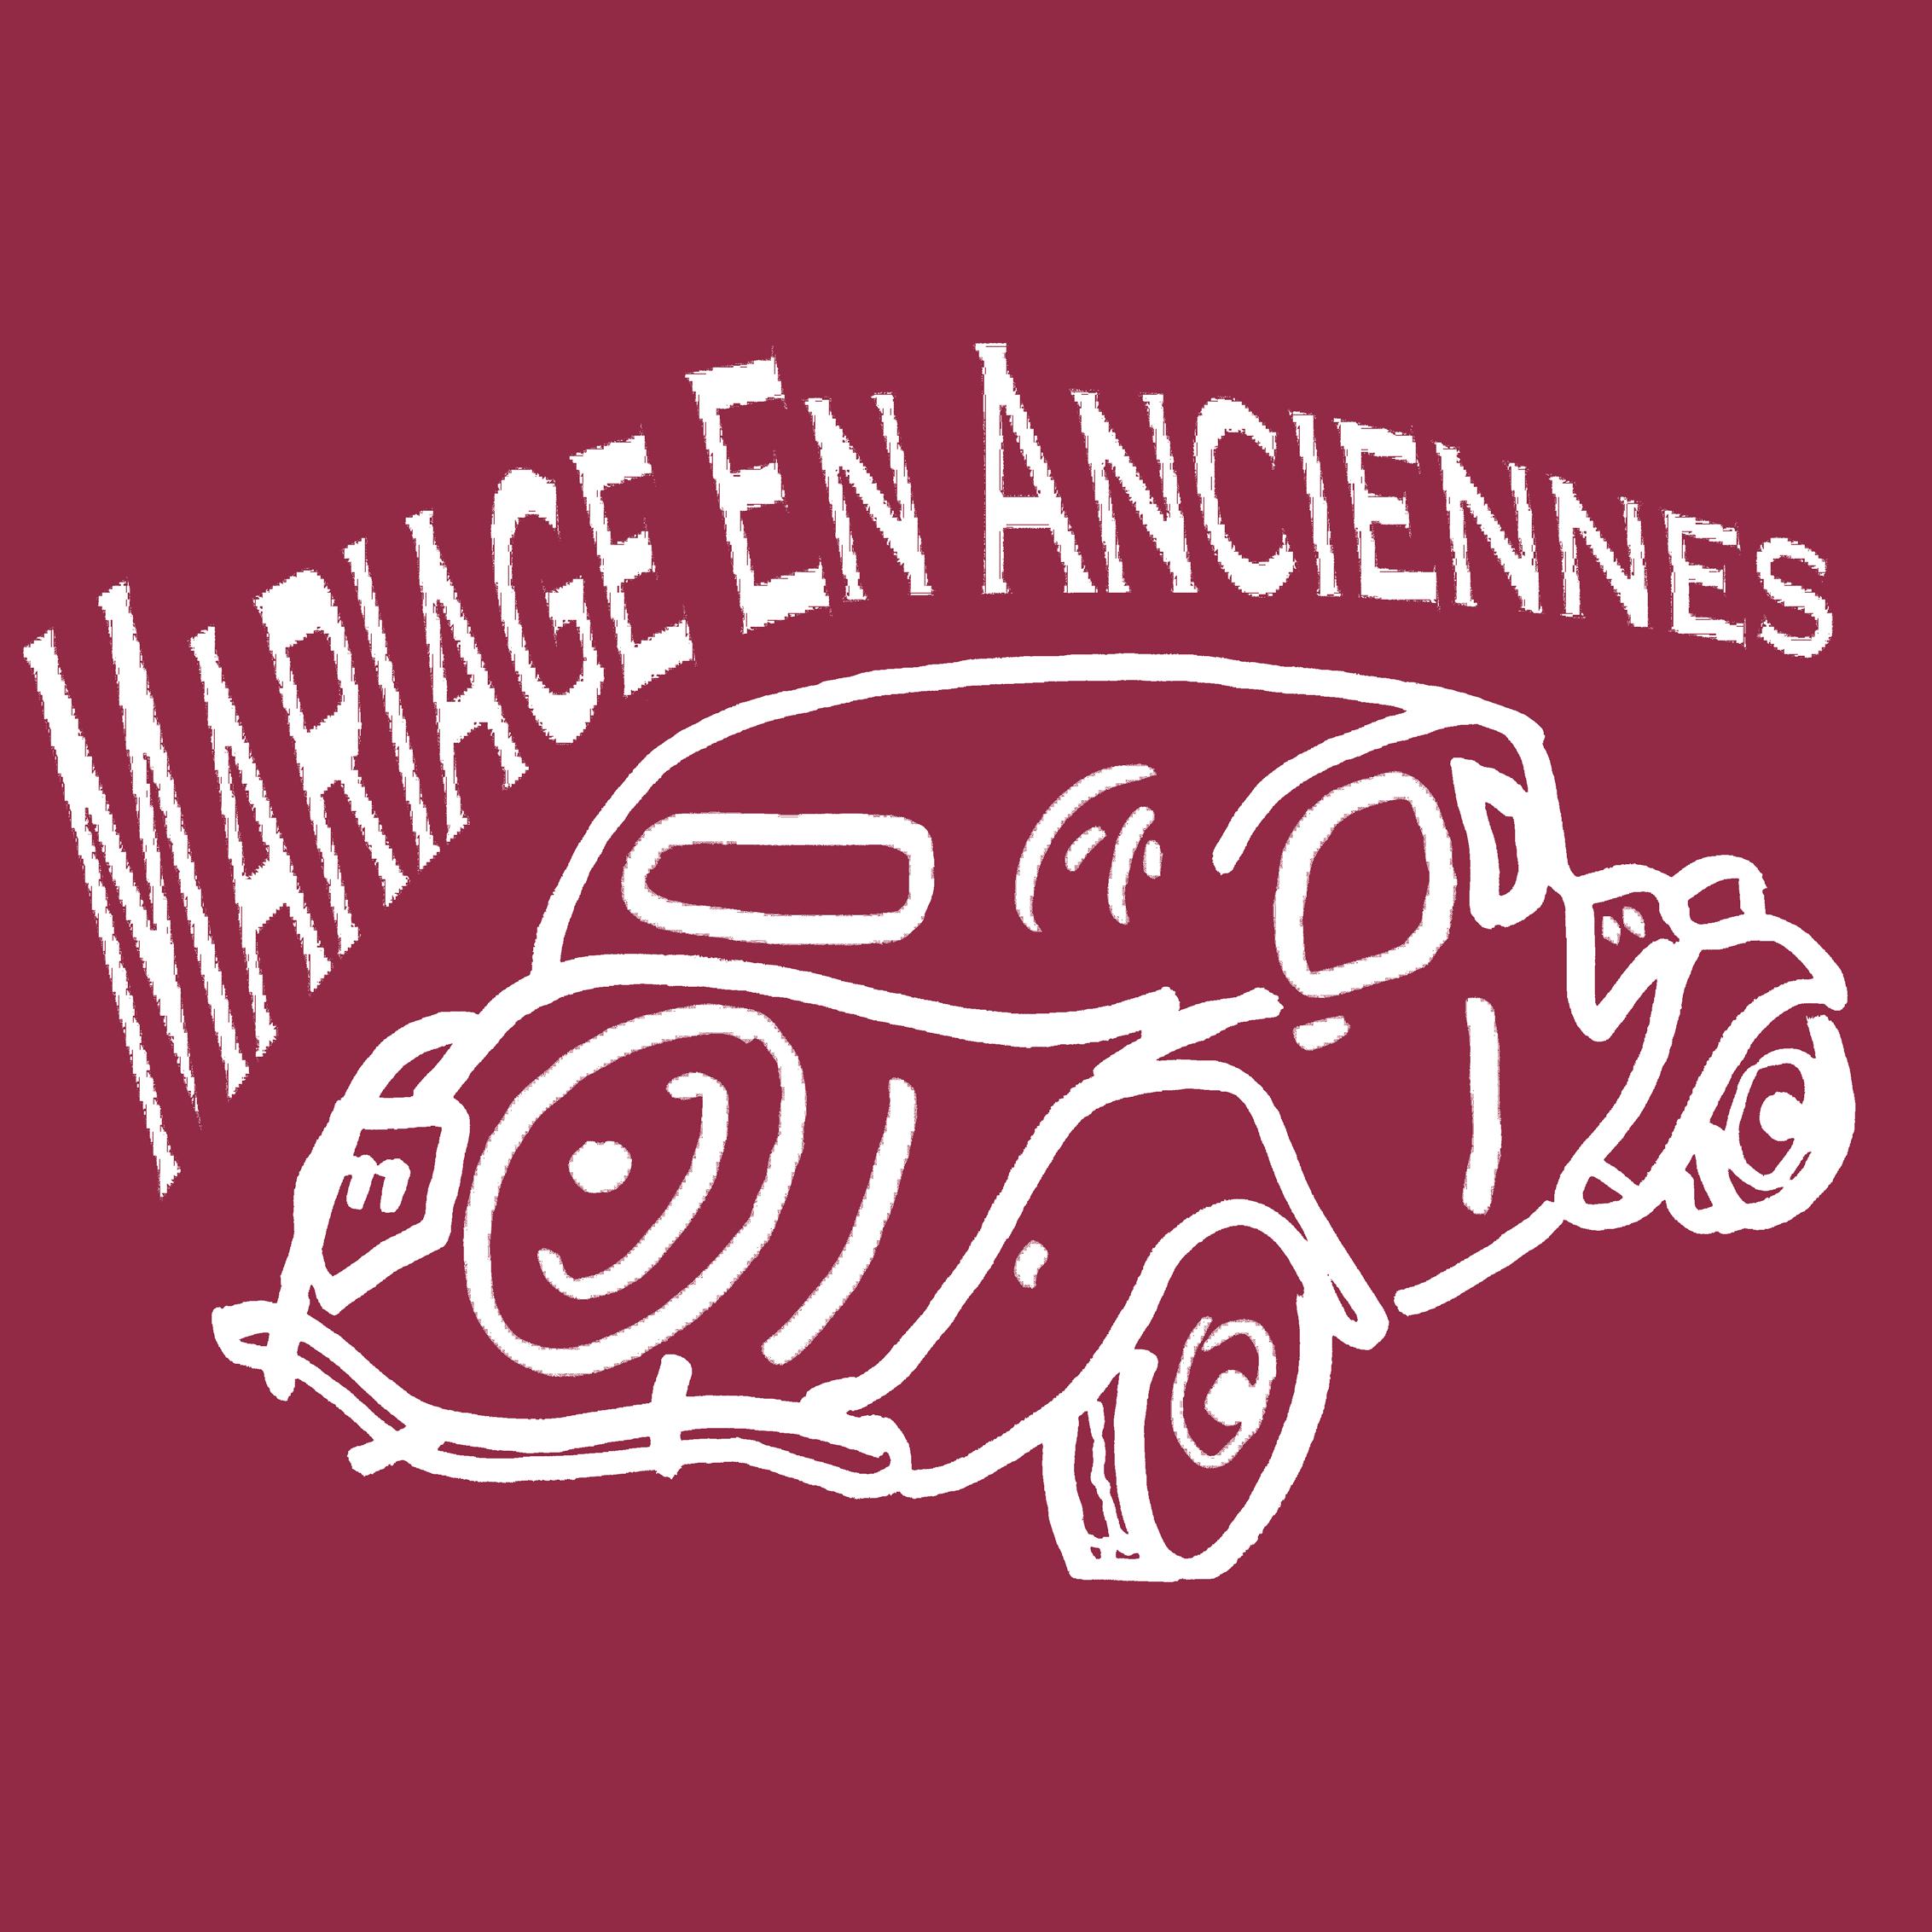 location de voitures anciennes dans l'Eure